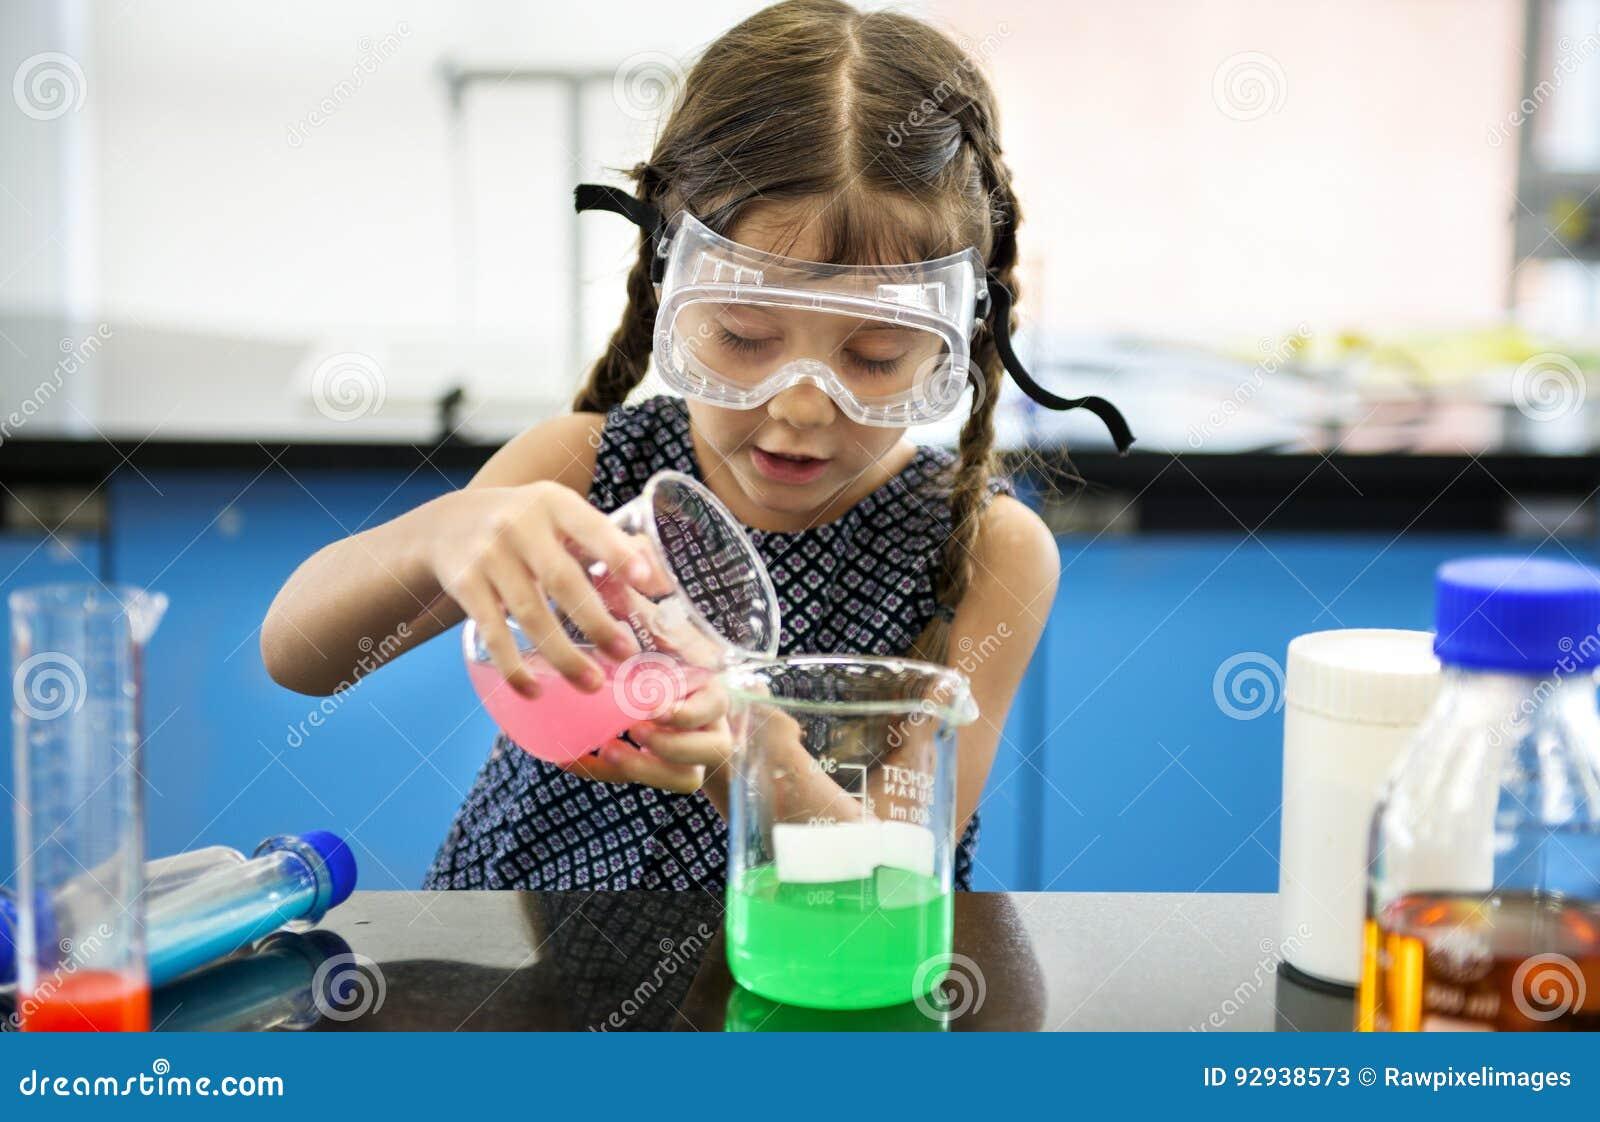 Kindergarten-Student Mixing Solution in der Wissenschafts-Experiment-Arbeit